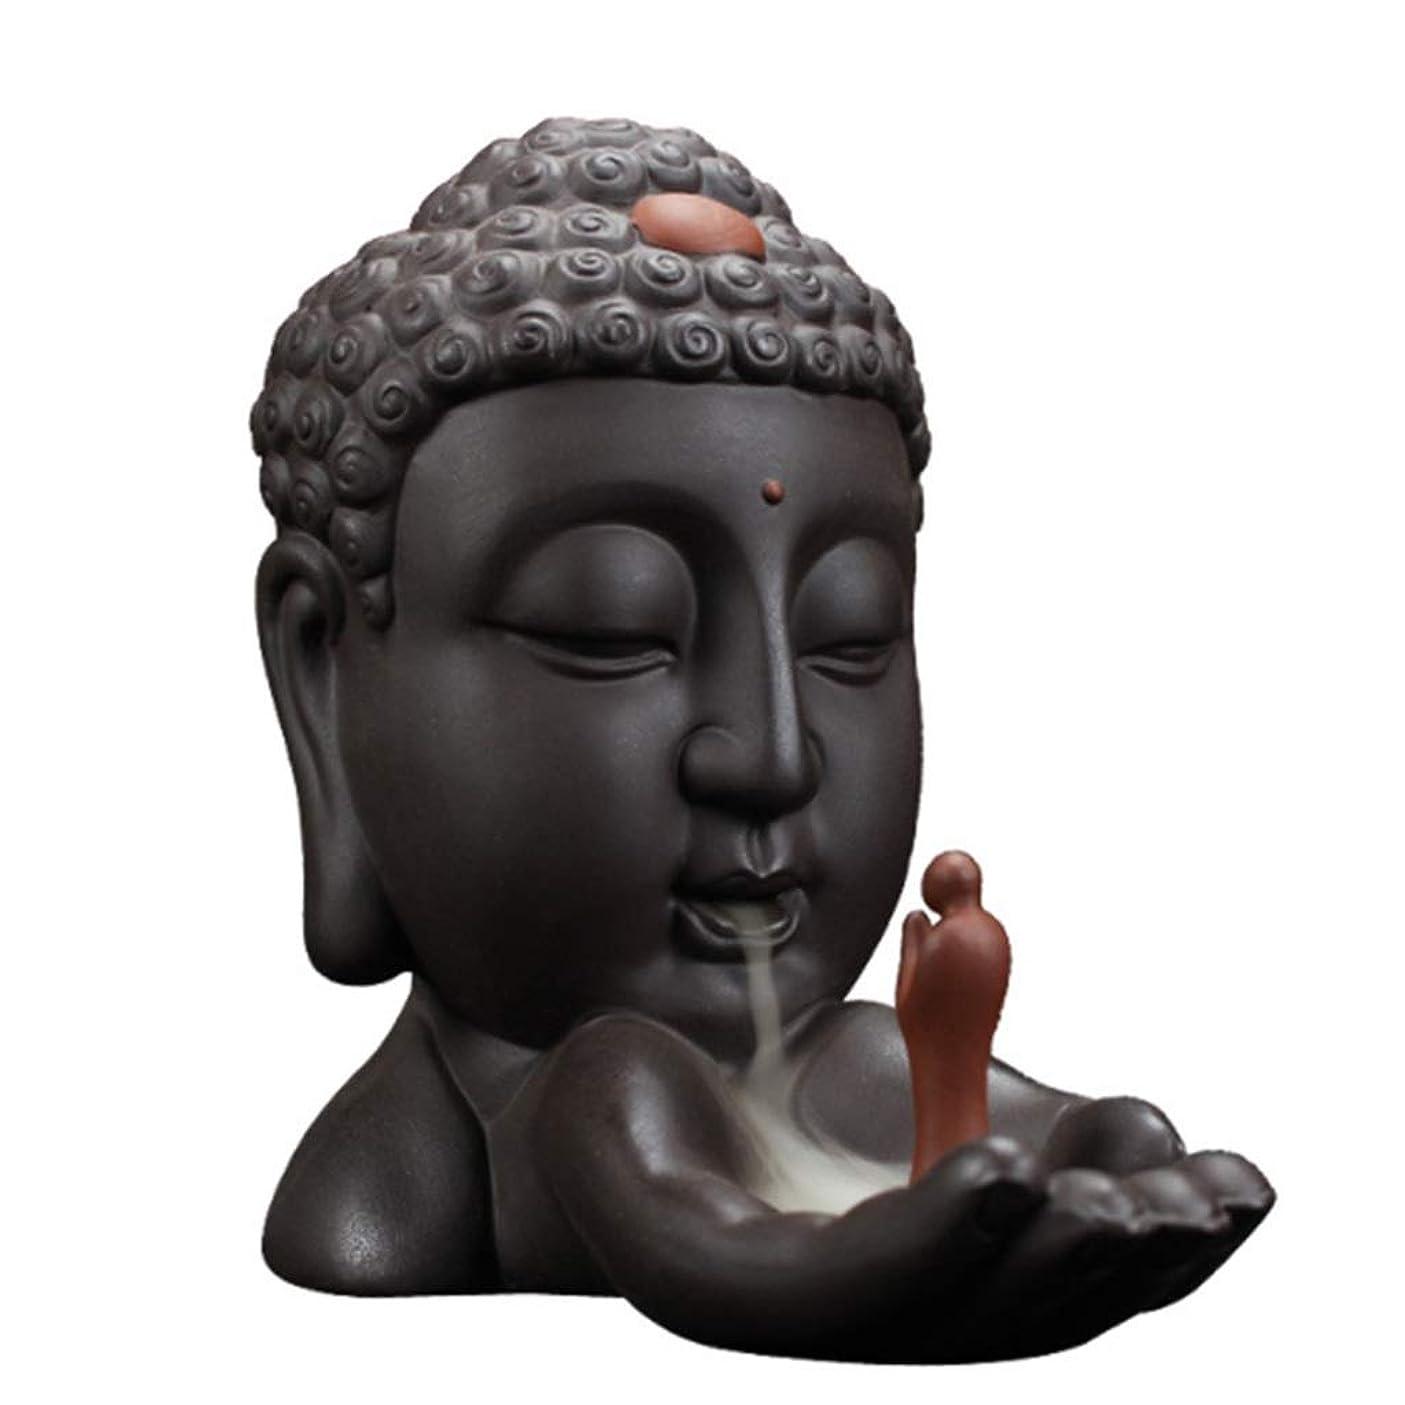 癌腕機関ホームアロマバーナー 逆流香バーナークリエイティブホームデコレーションセラミック仏香ホルダー仏教香炉オフィスでの使用リビングルーム 芳香器アロマバーナー (Color : Brown)